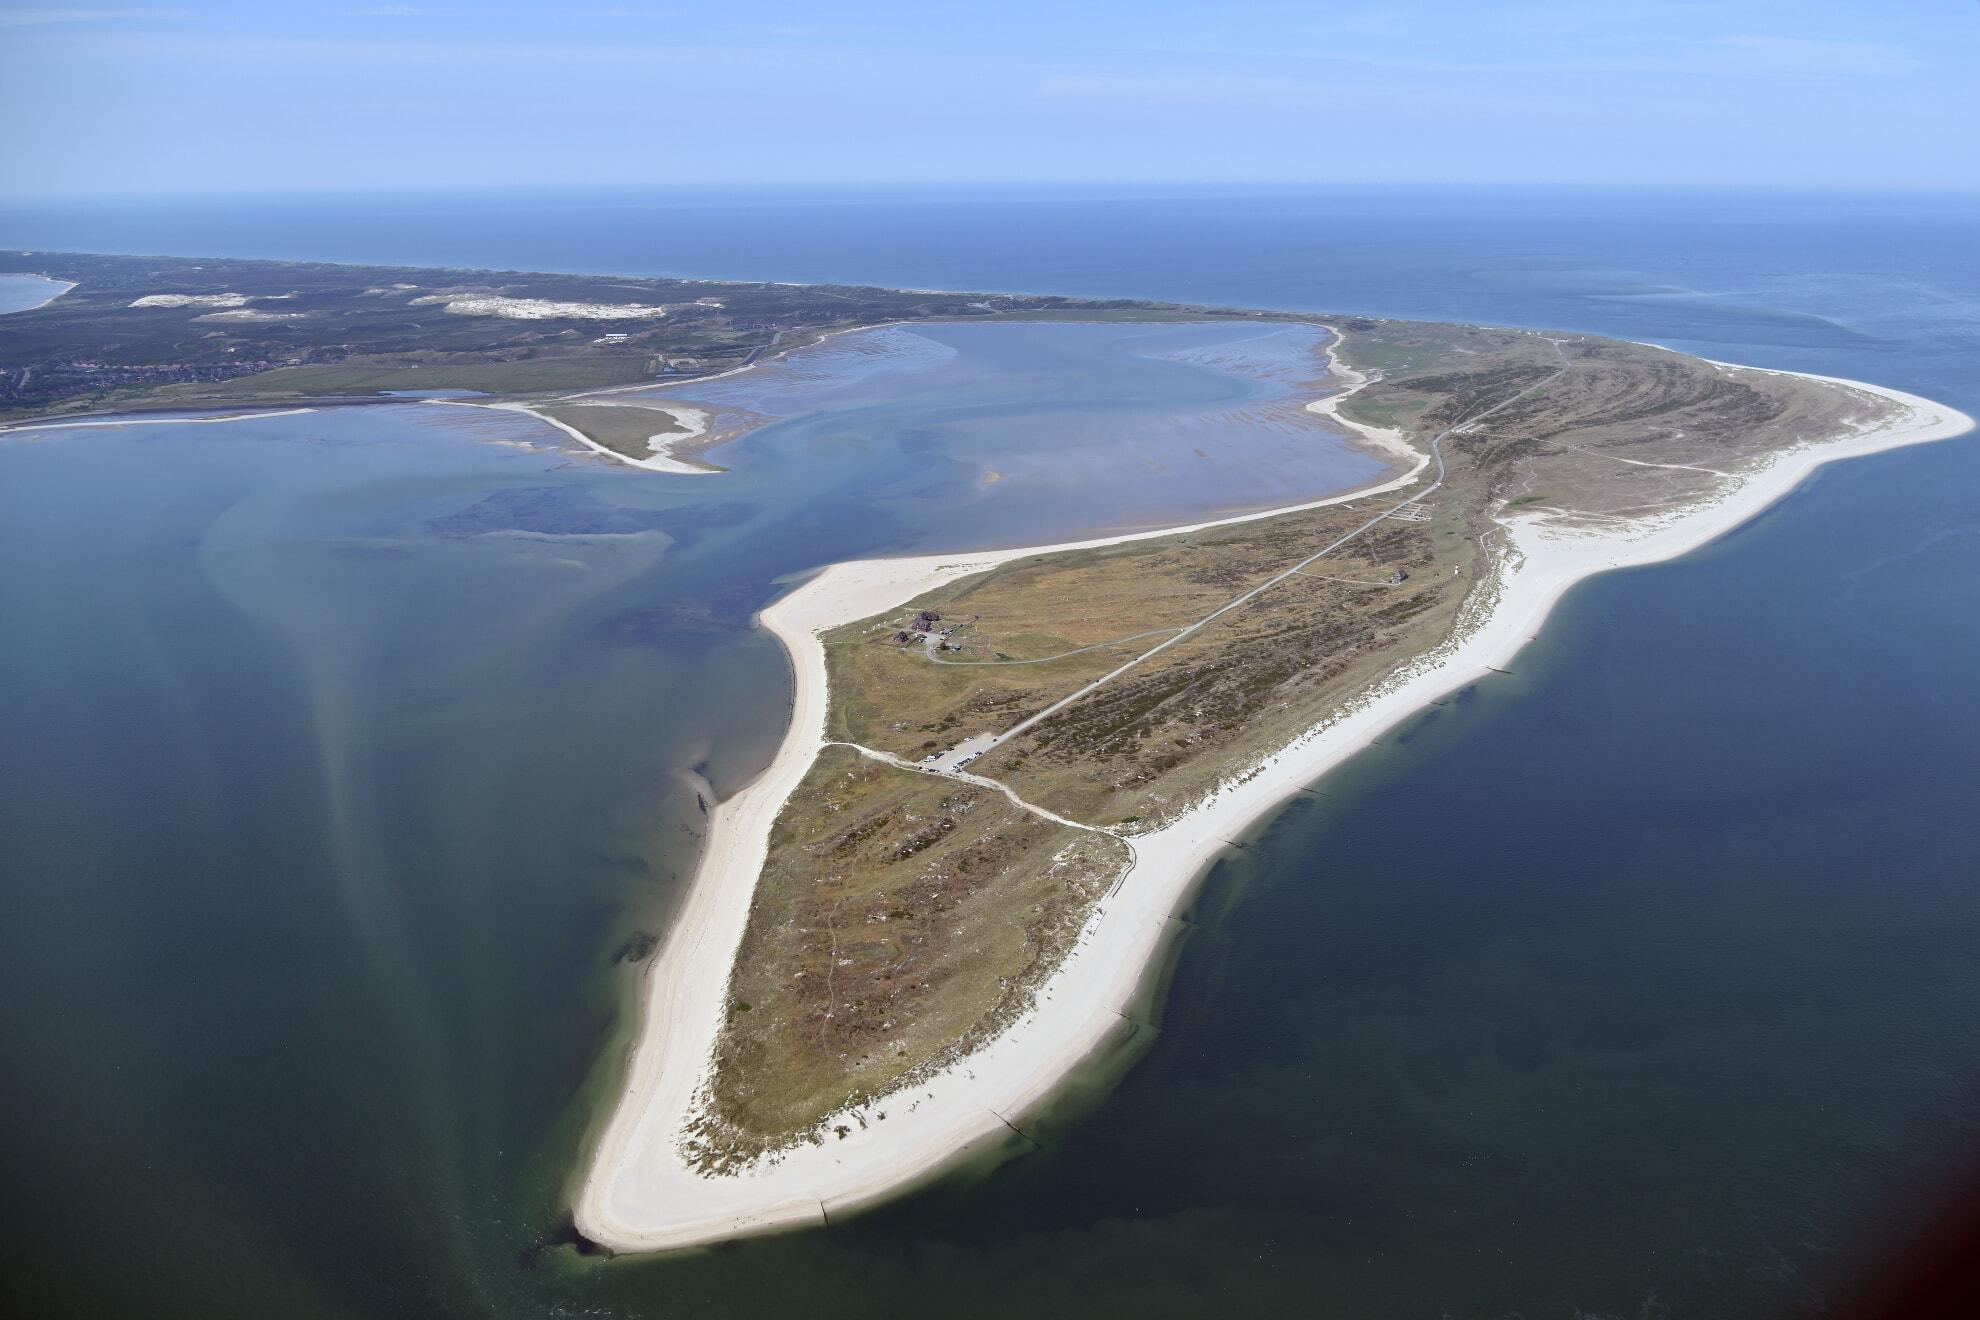 Ellenbogen mit Königshafen und Vogelschutzinsel Üthörn